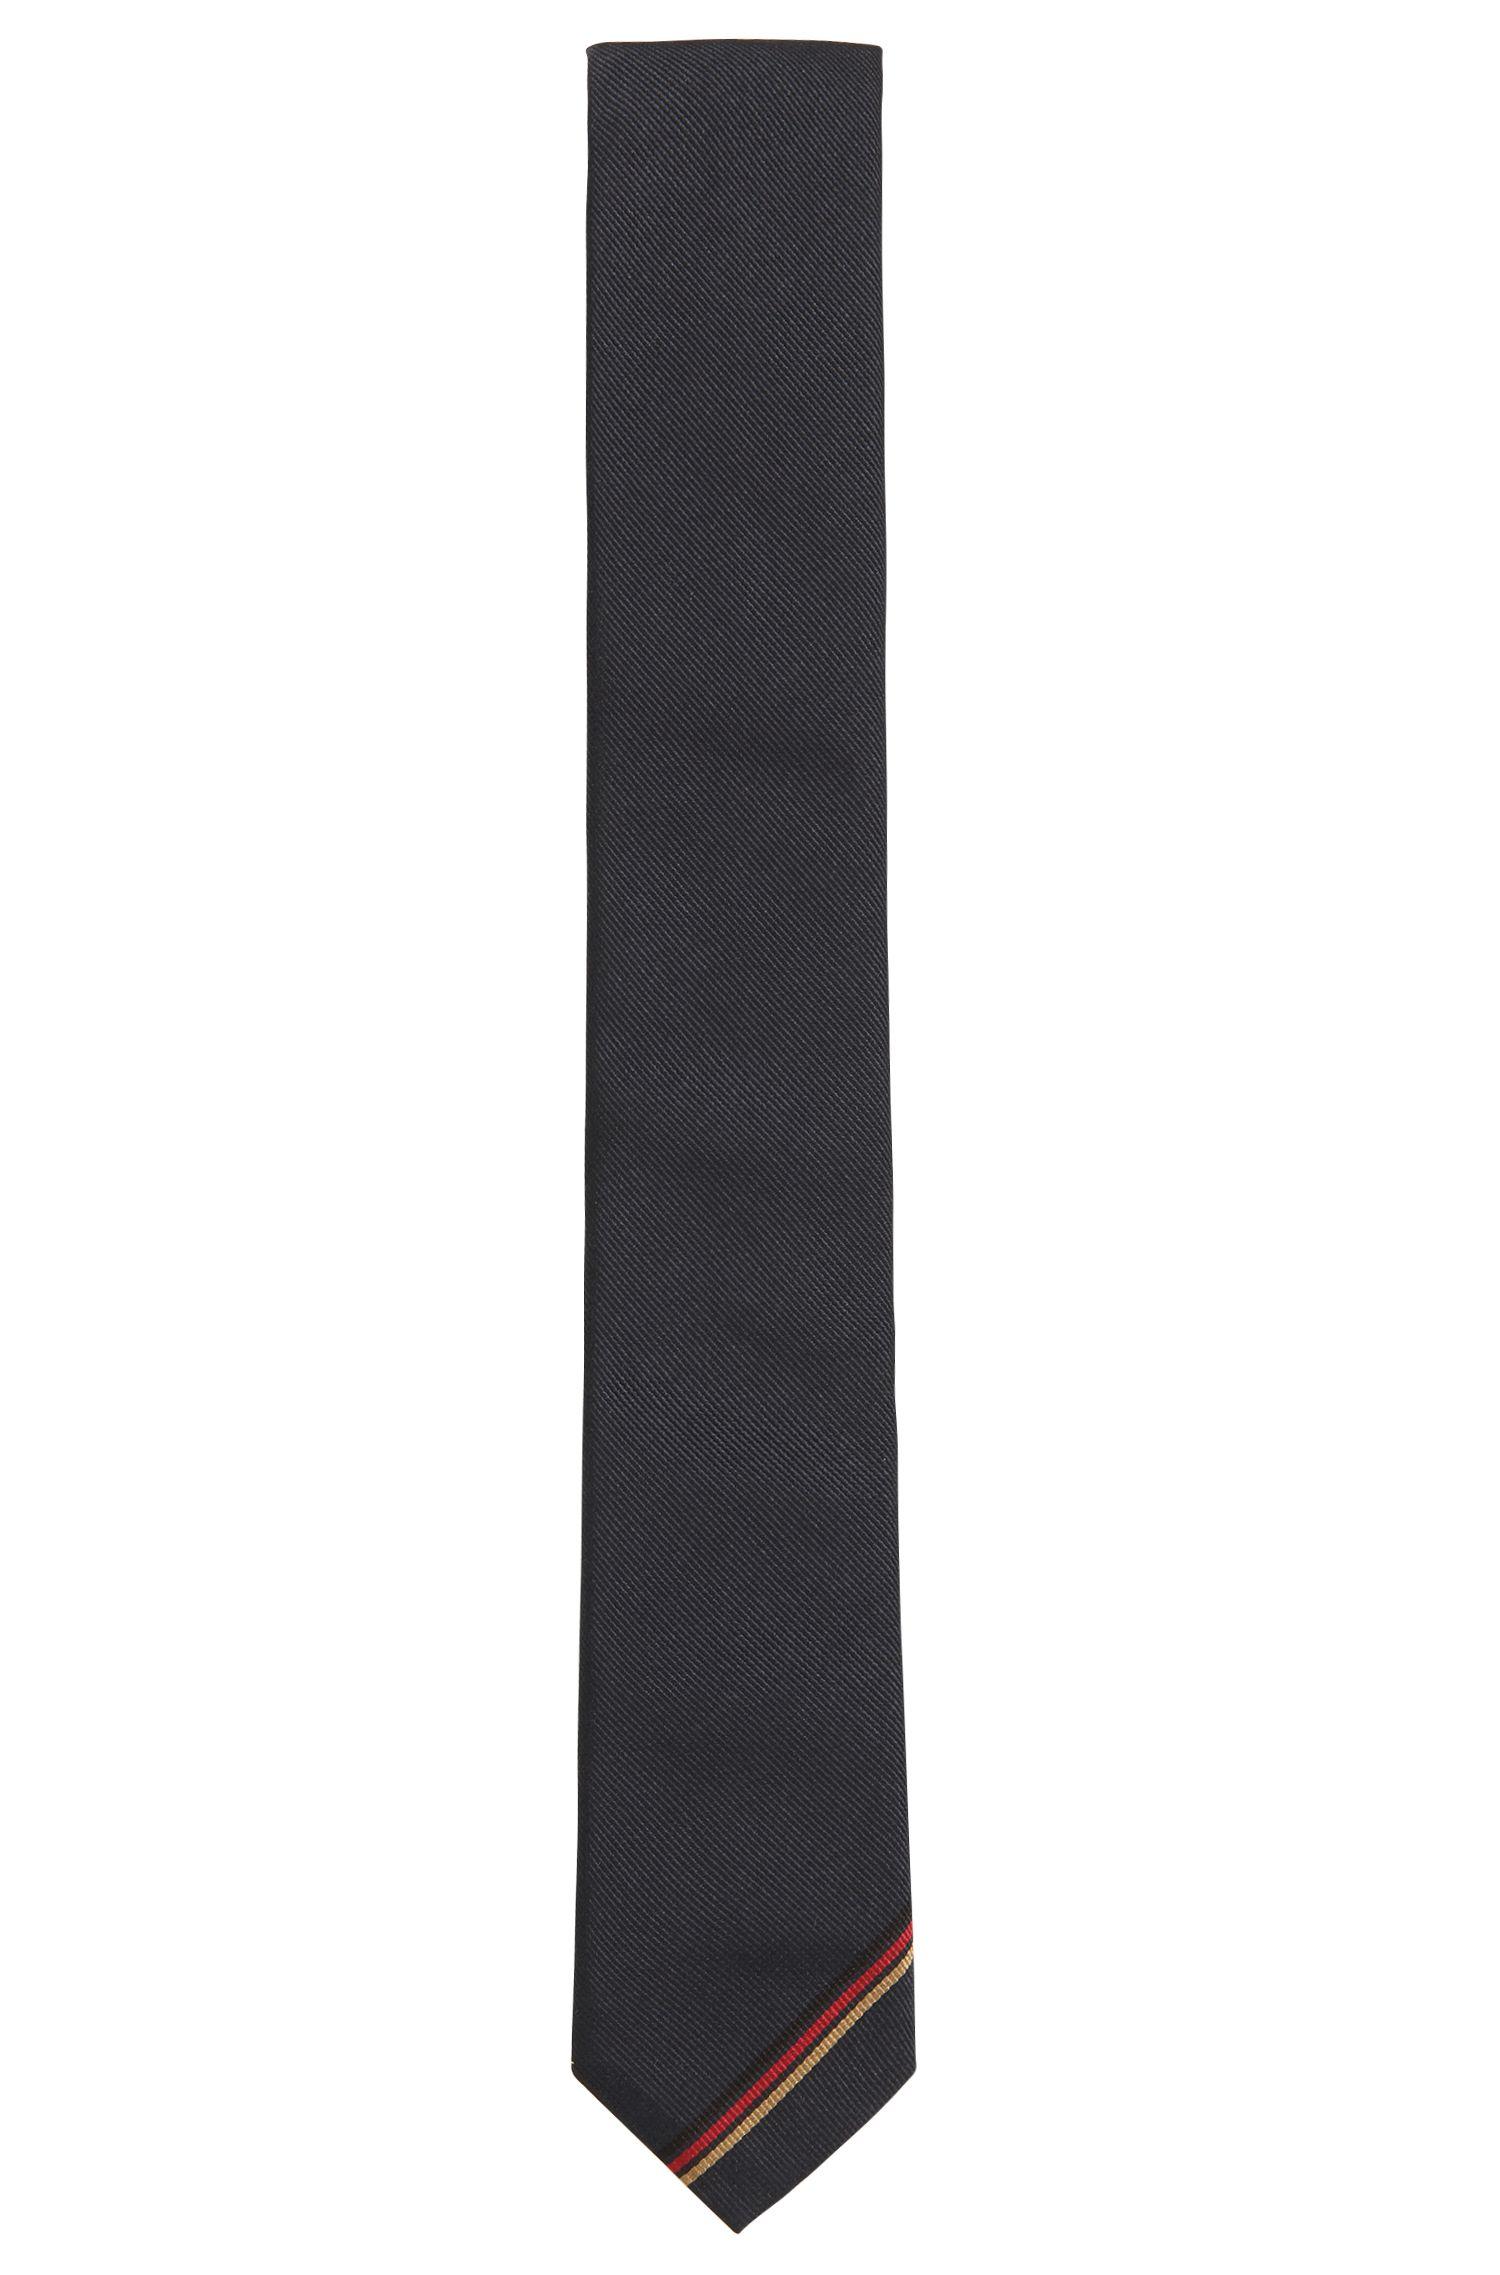 Cravate en soie ornée des couleurs du drapeau allemand